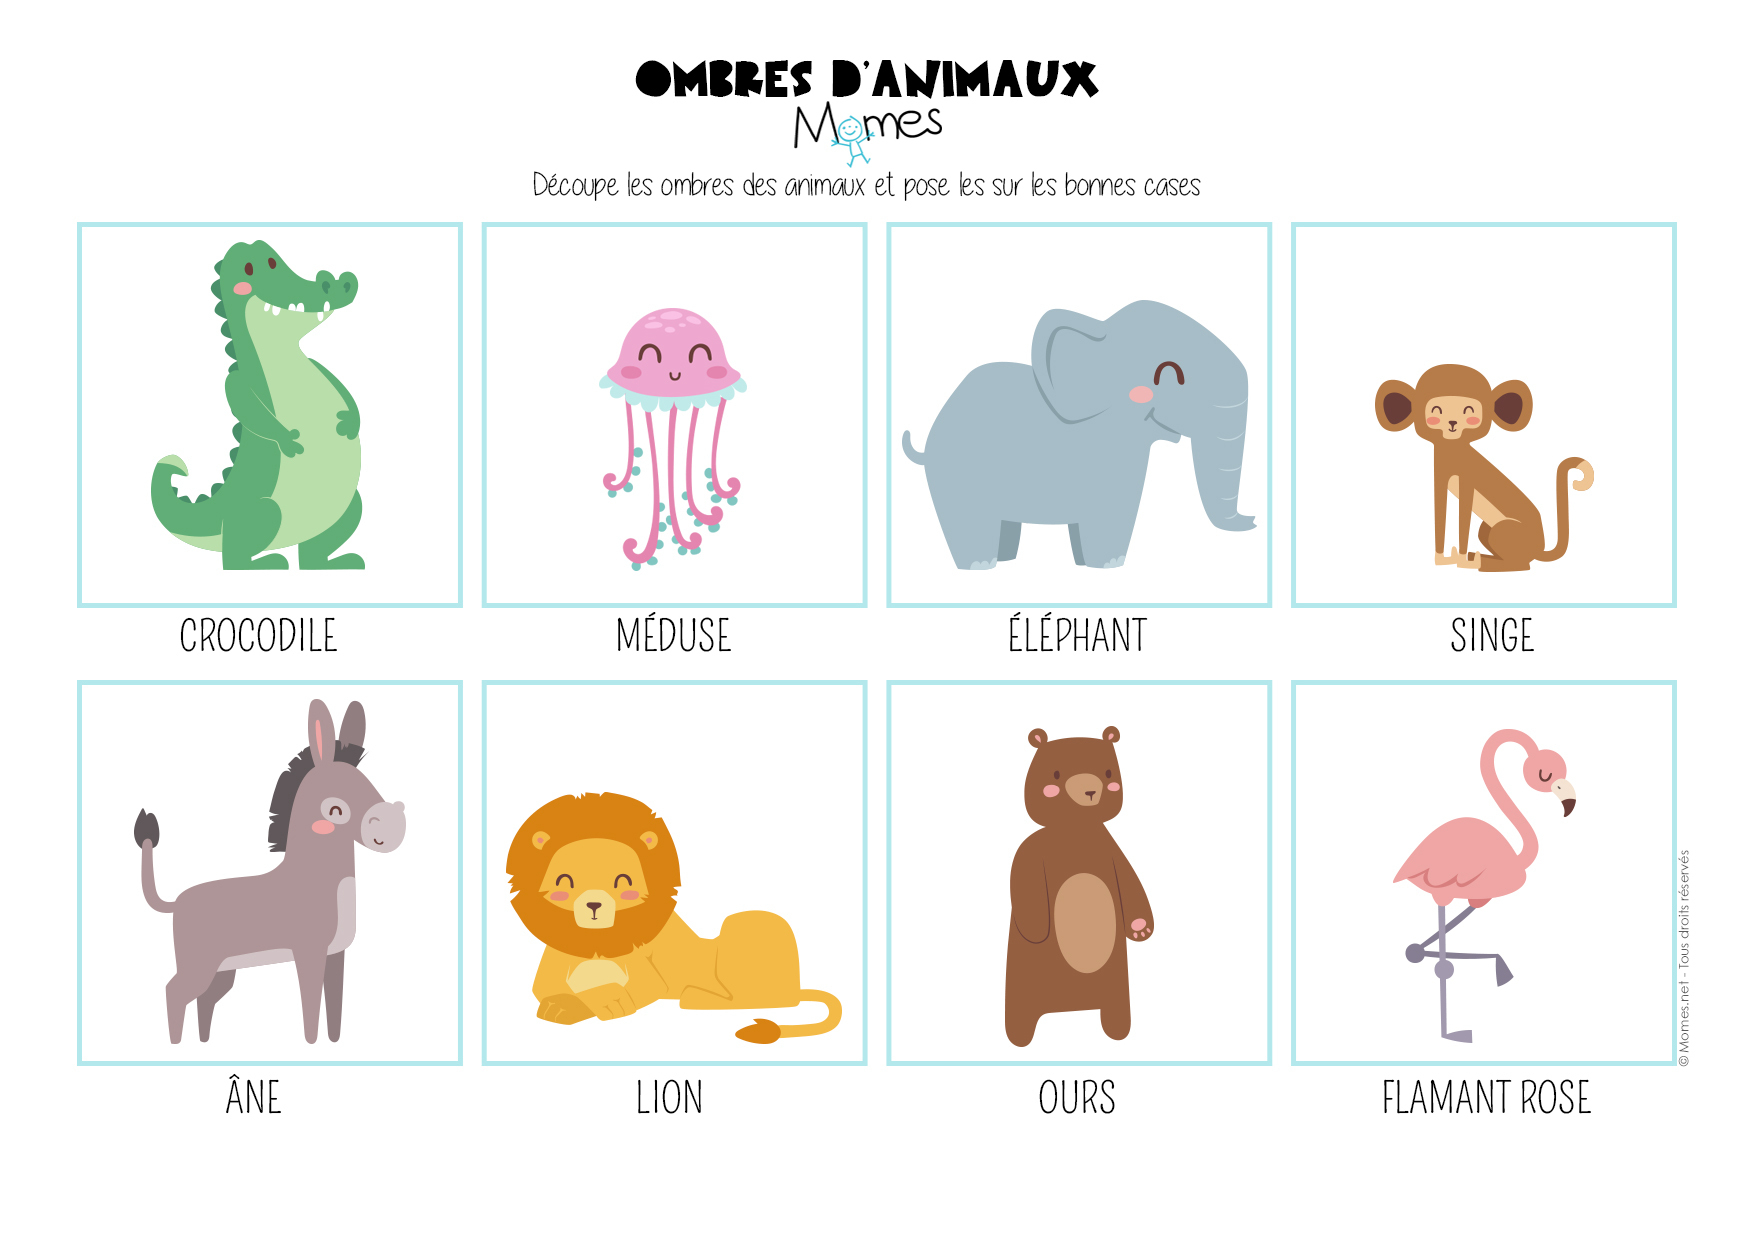 Le Jeu Des Ombres D'animaux - Momes encequiconcerne Apprendre Les Animaux Jeux Éducatifs